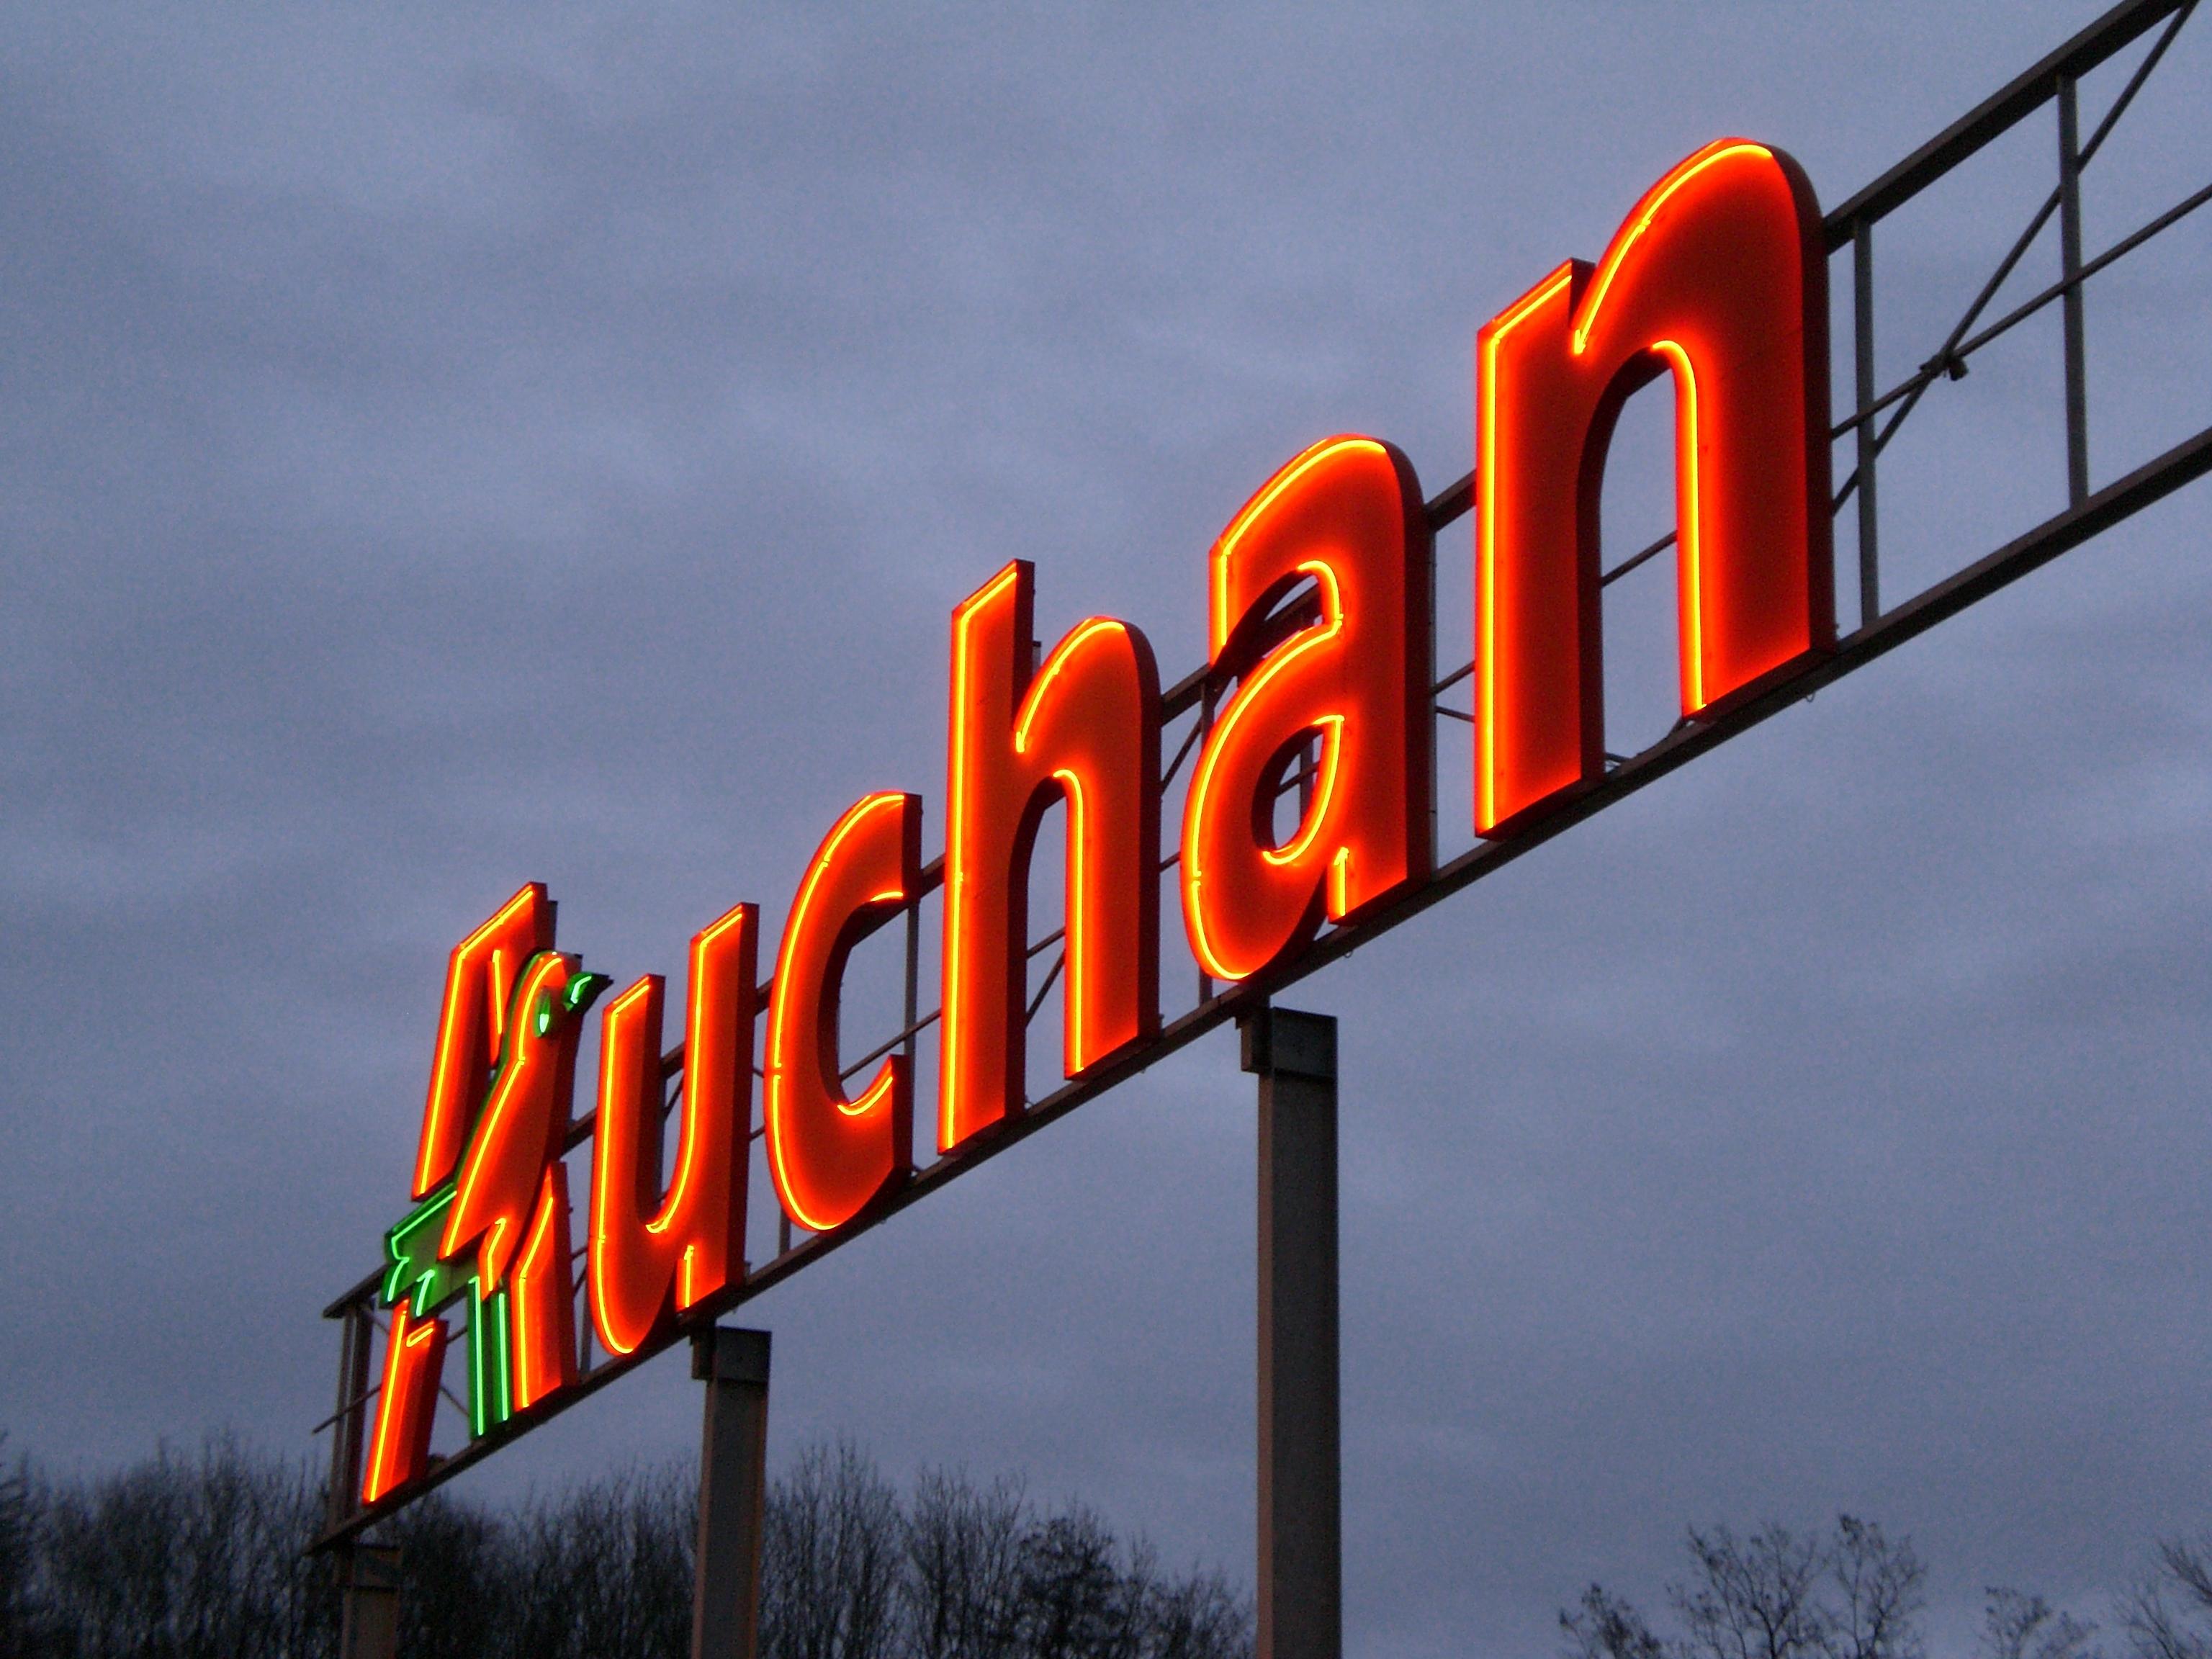 Enseigne Auchan